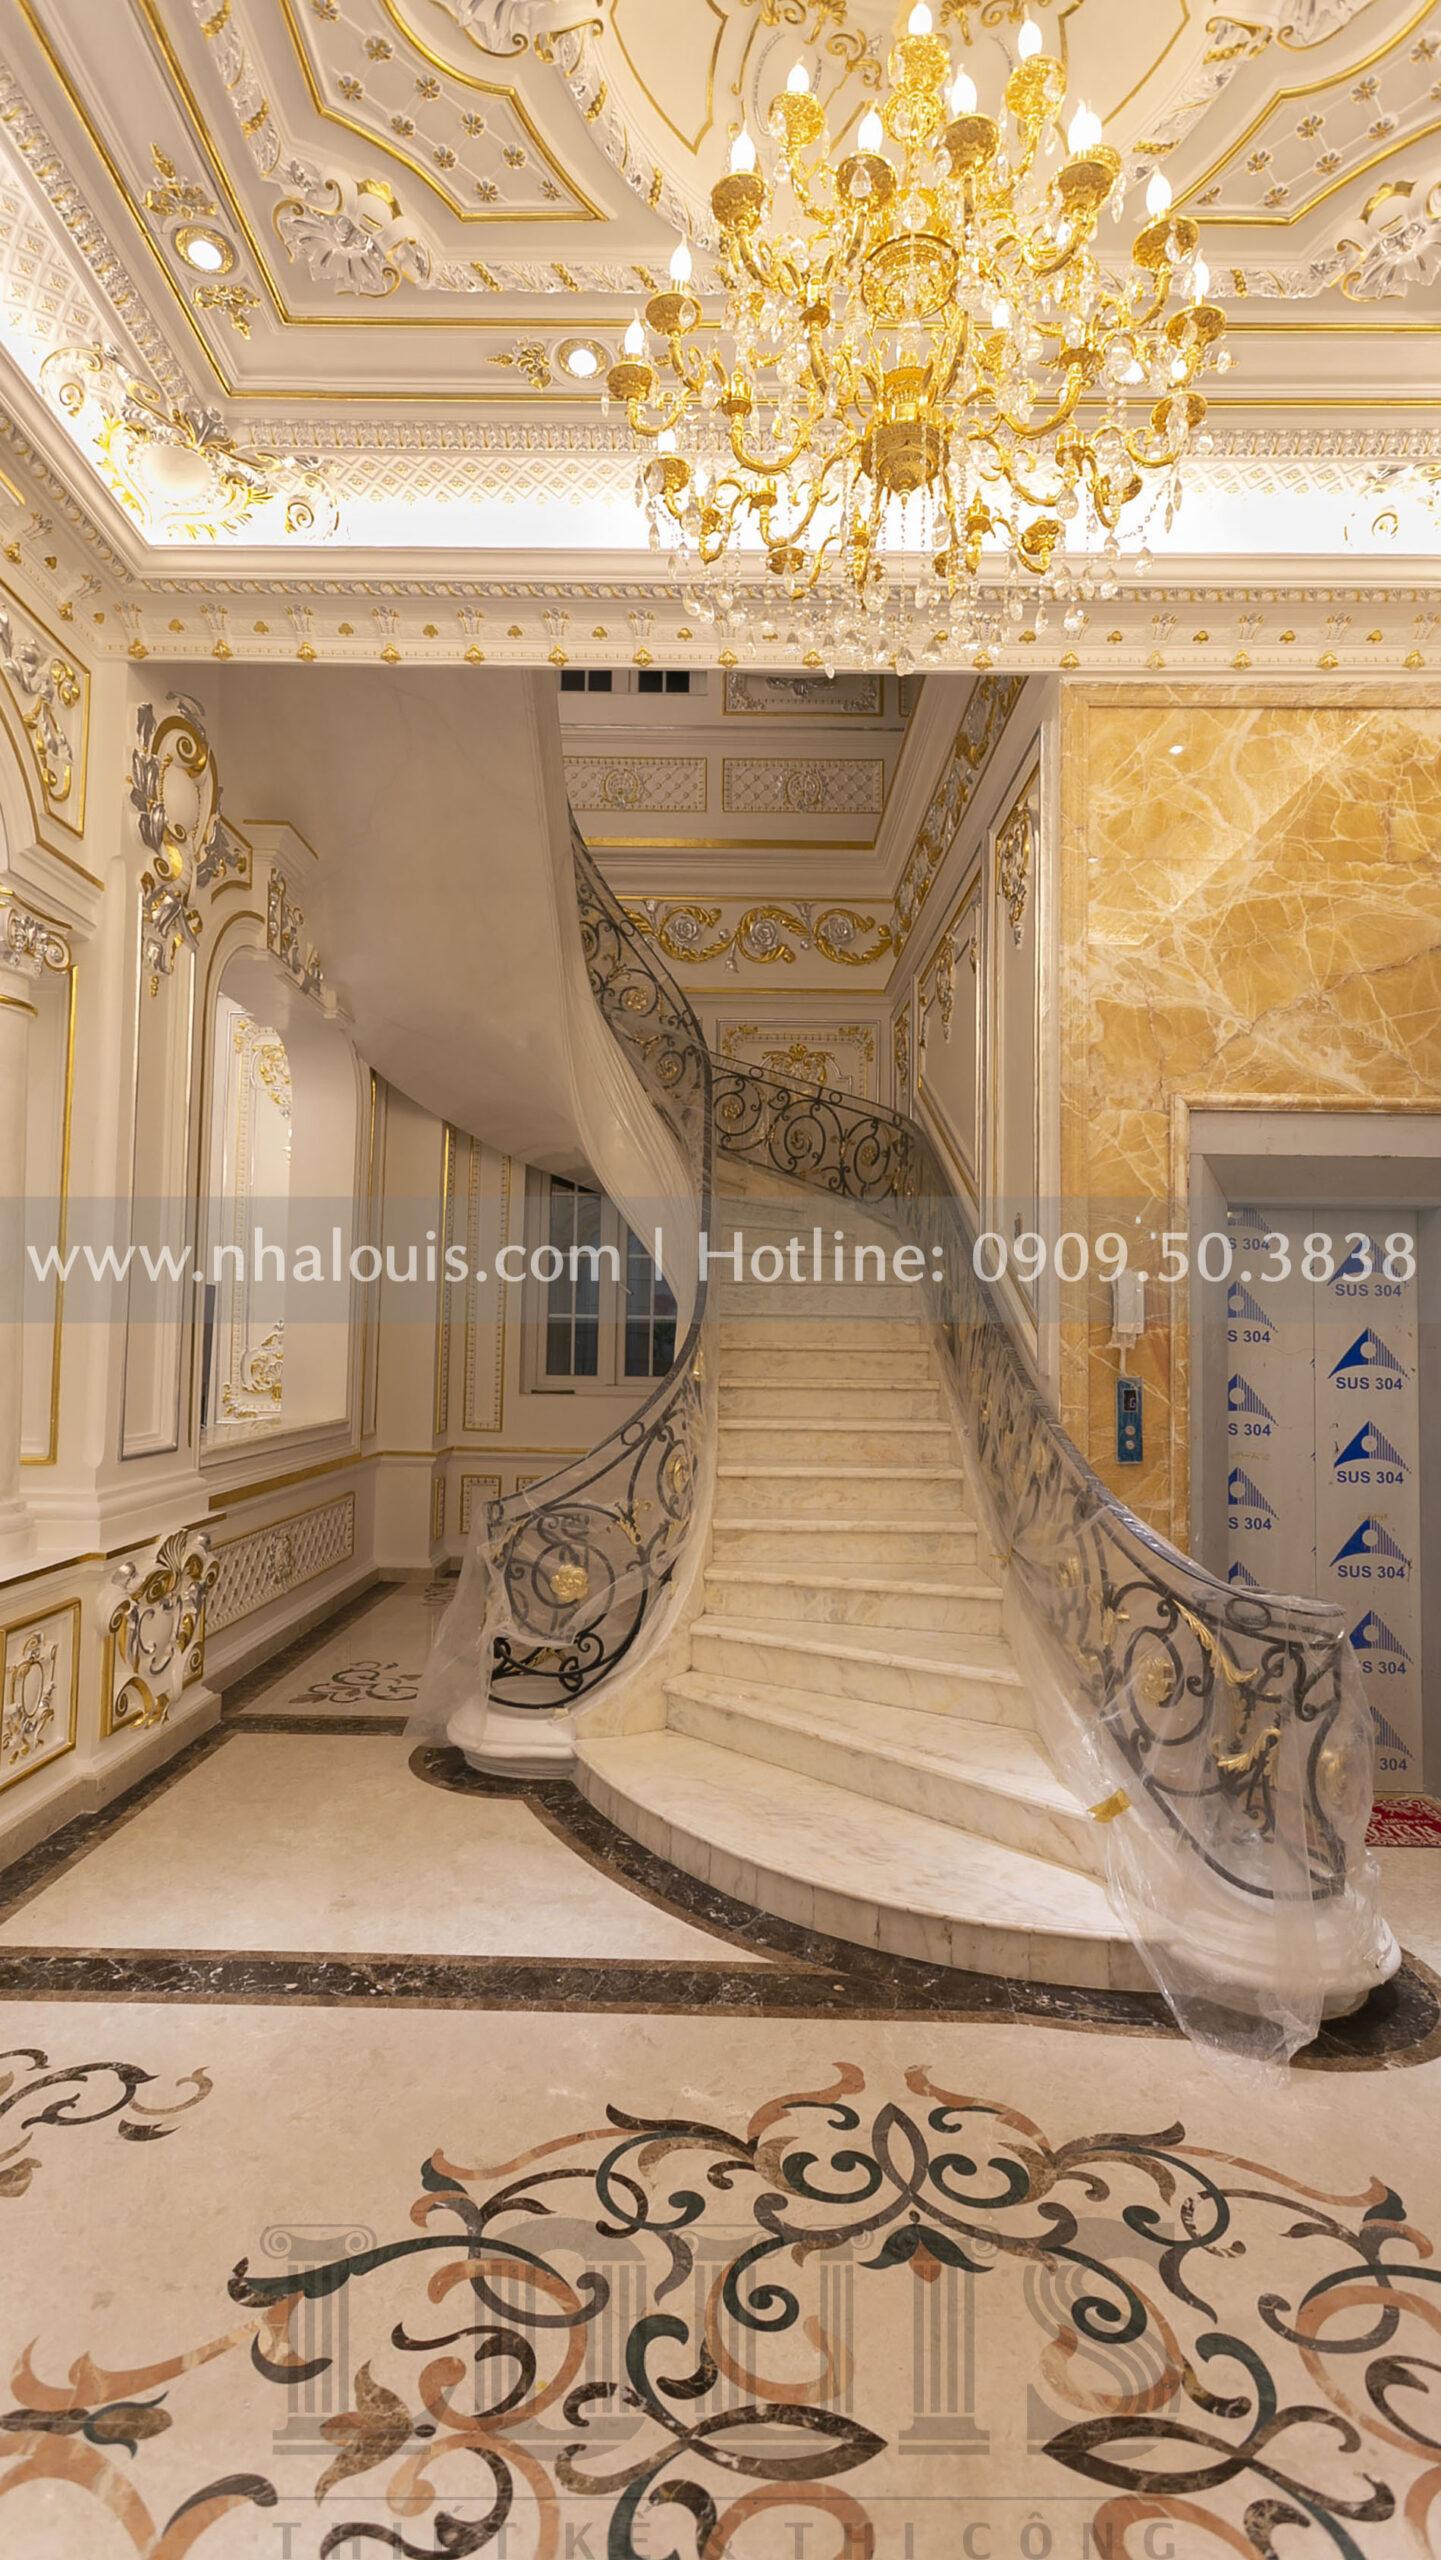 sảnh cầu thang biệt thự cổ điển Nhà Bè